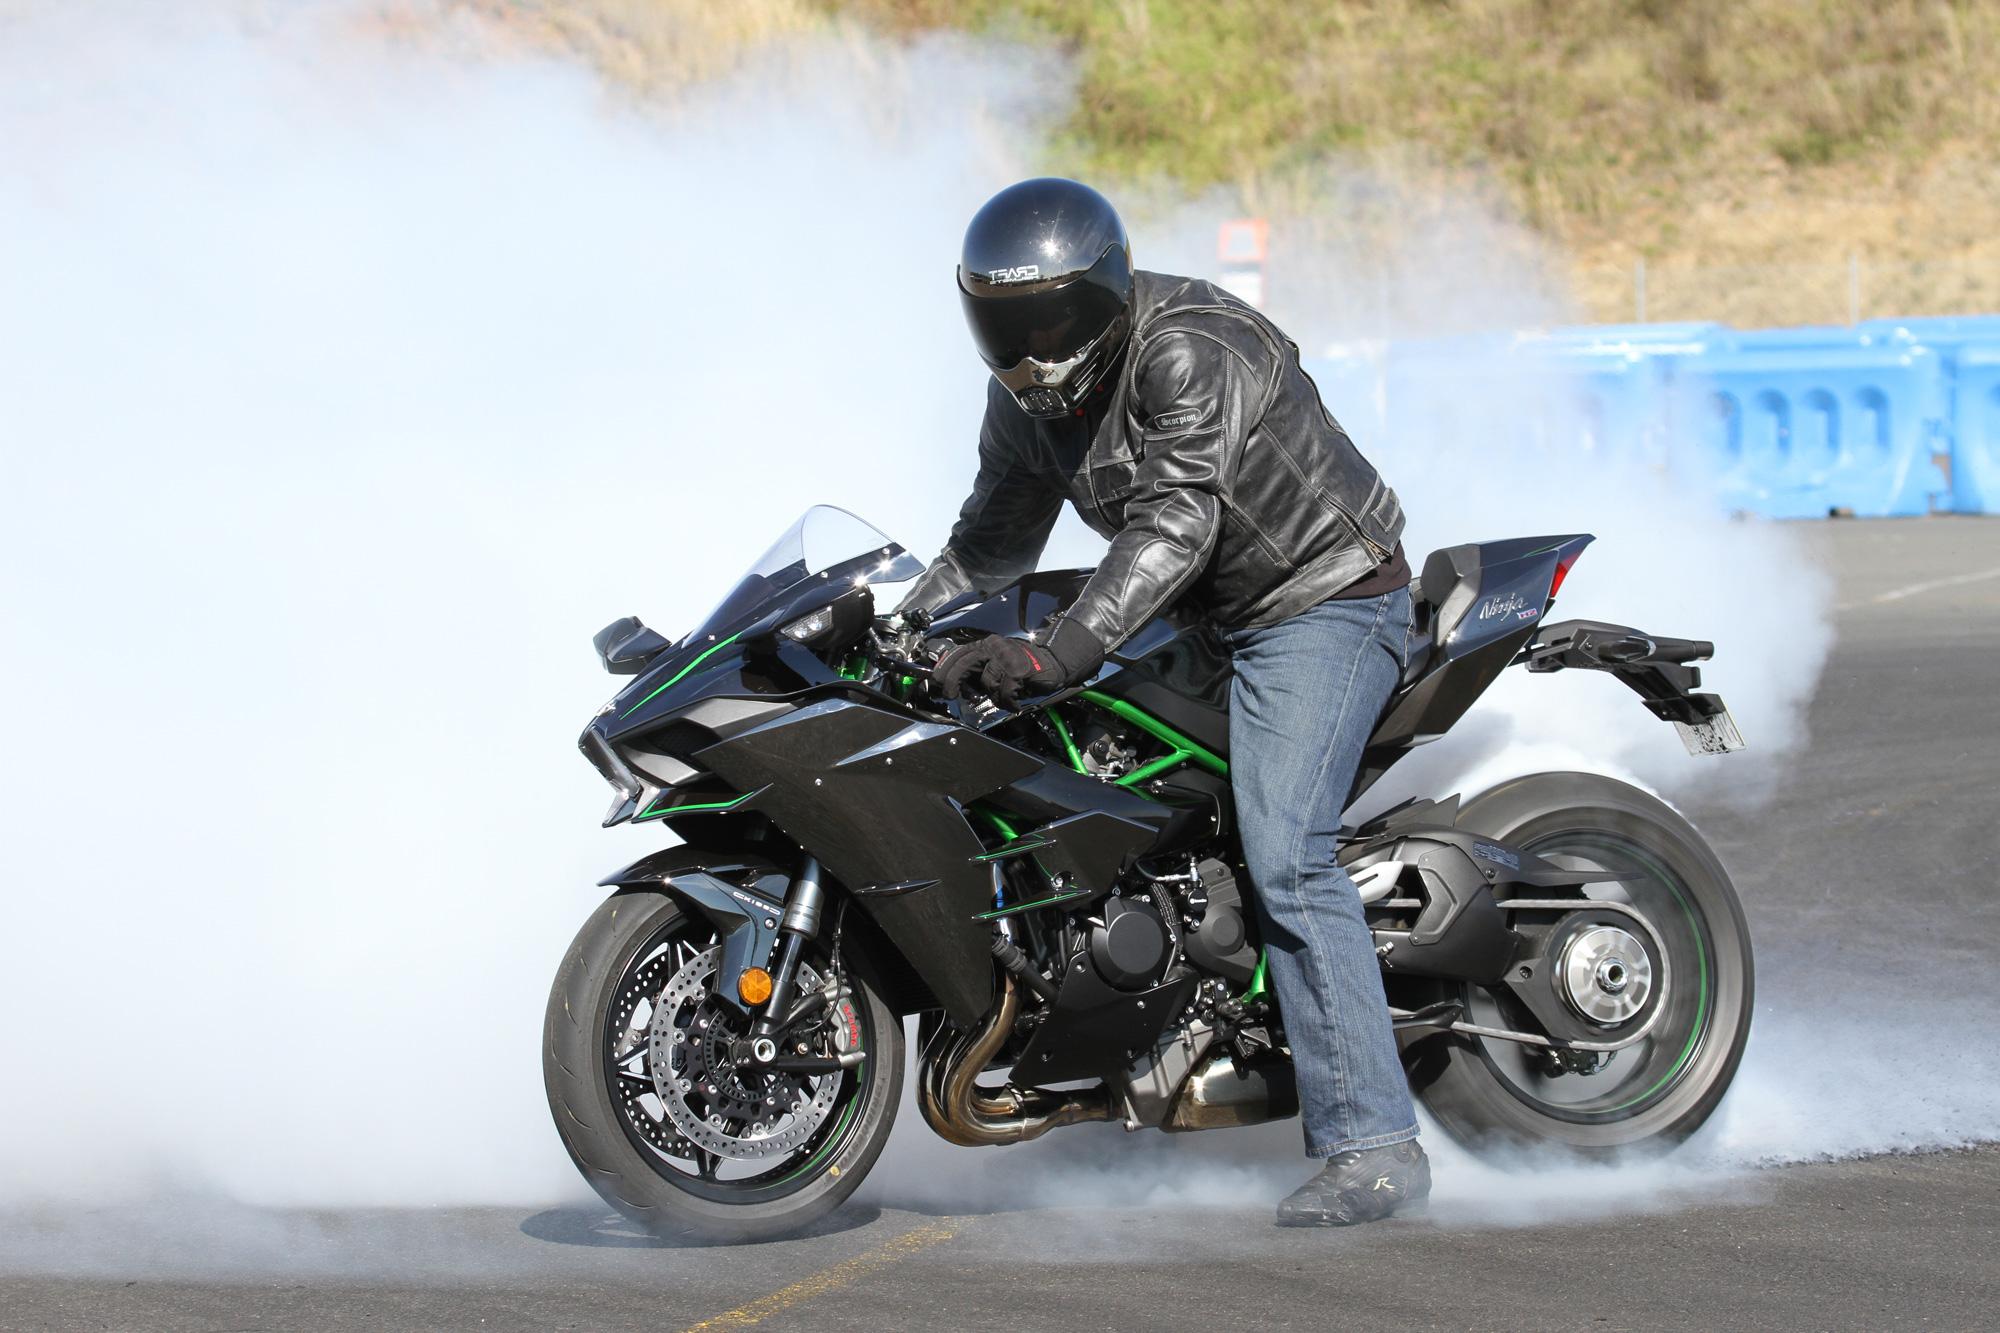 2016 Kawasaki Ninja H2 Full Review Bike Review